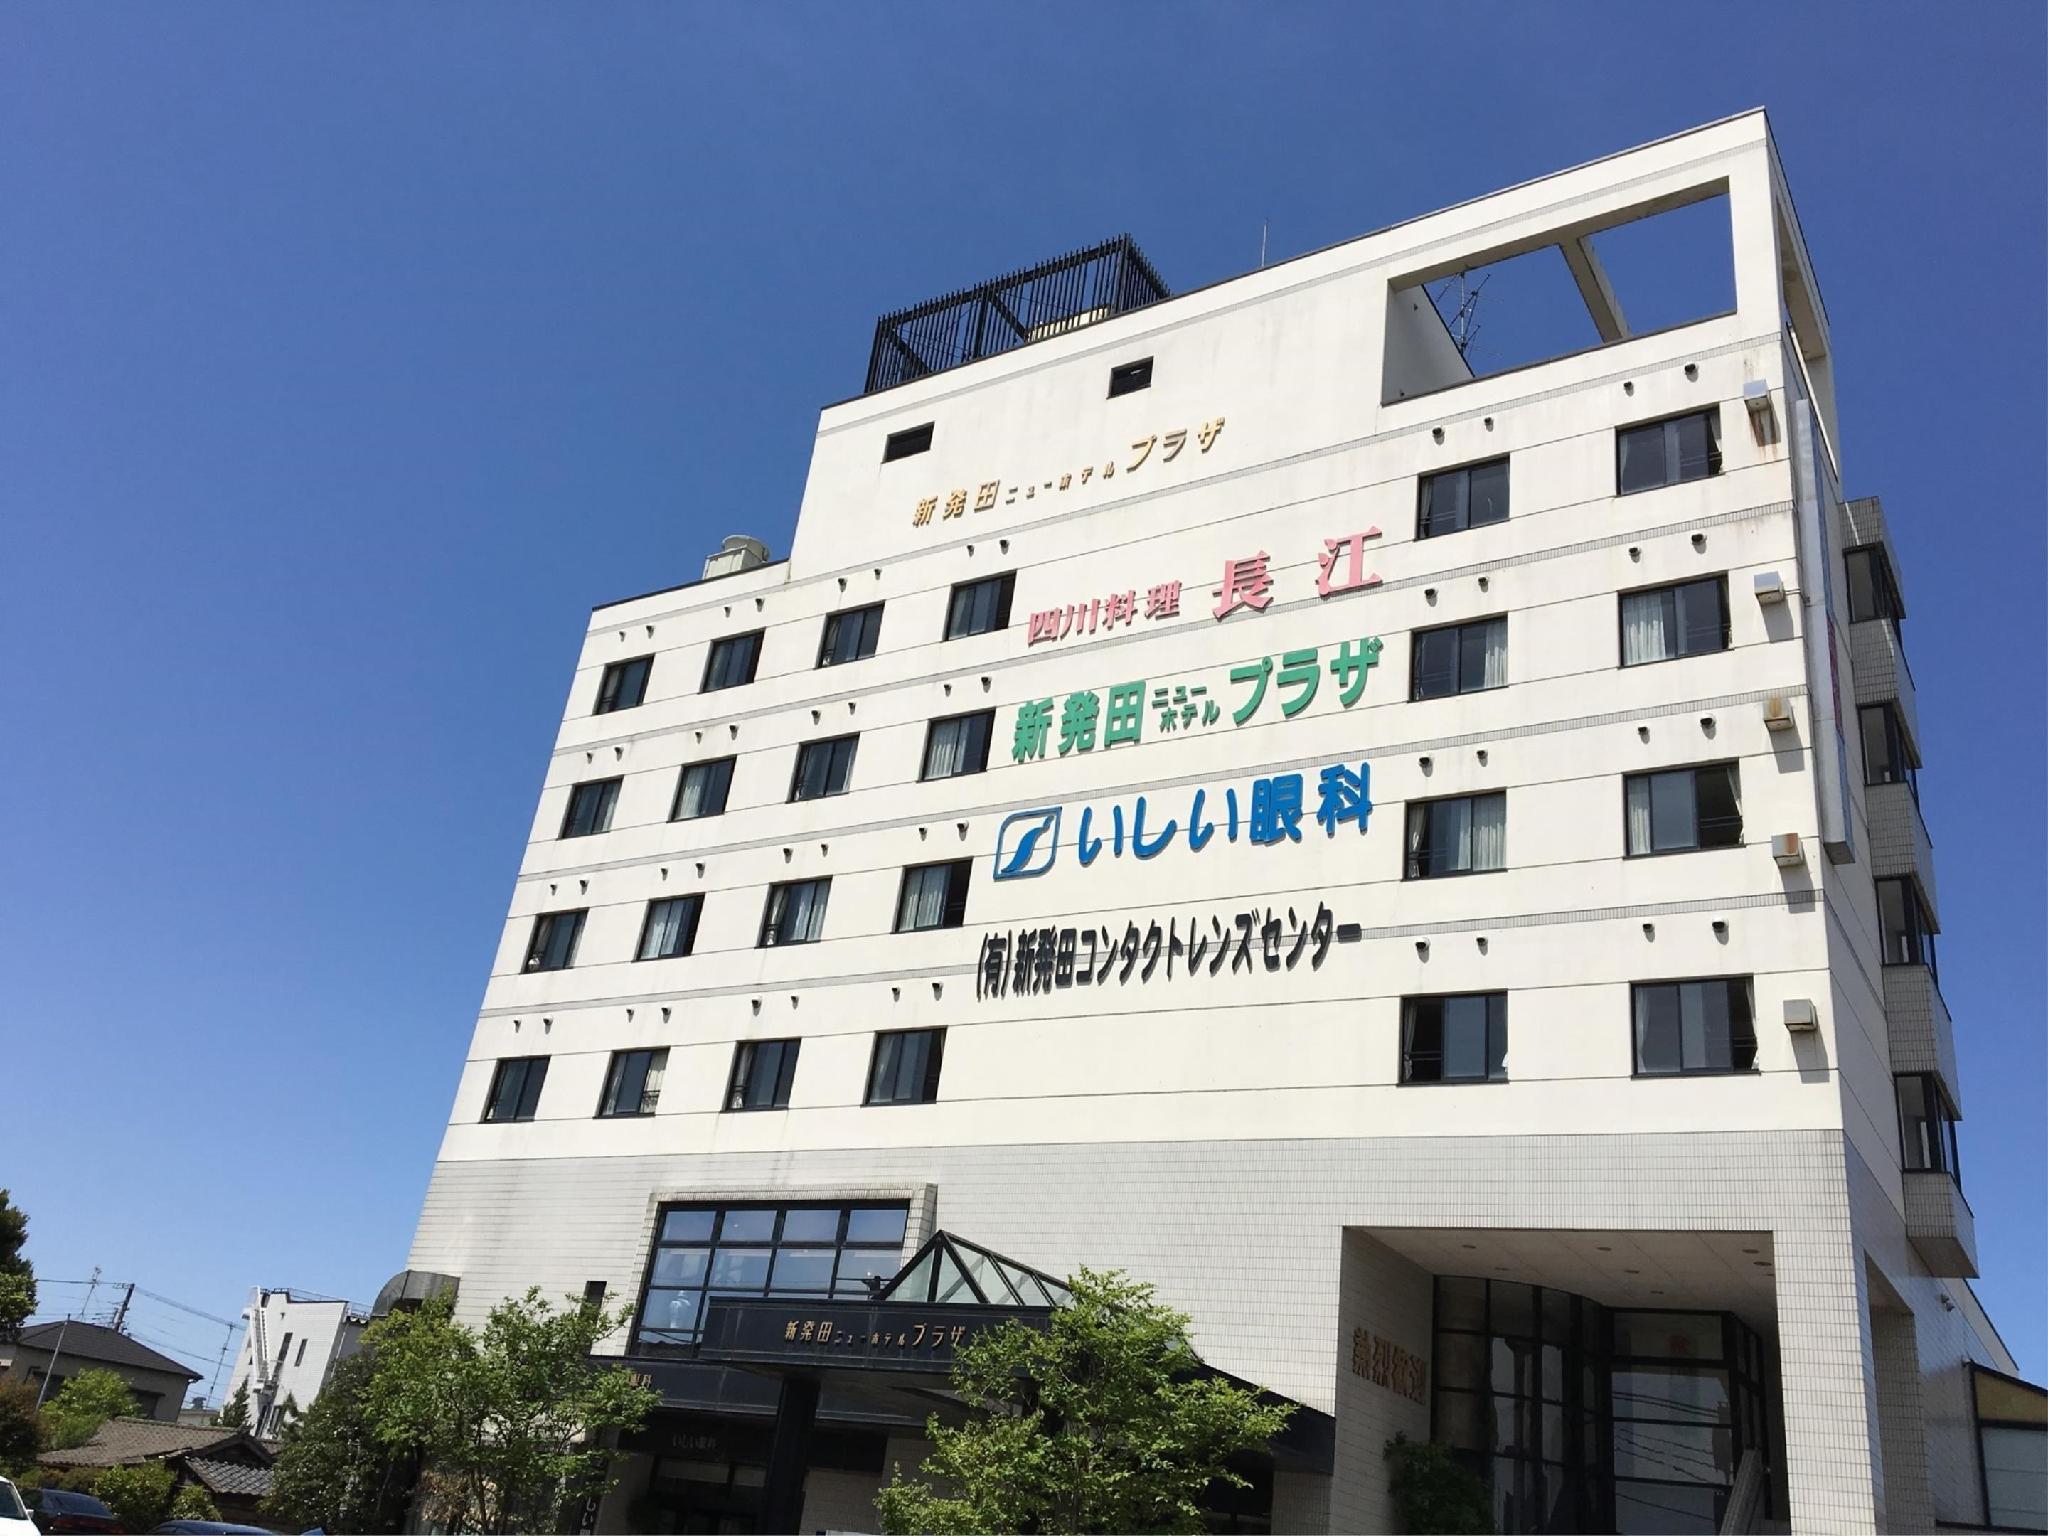 Shibata New Hotel Plaza